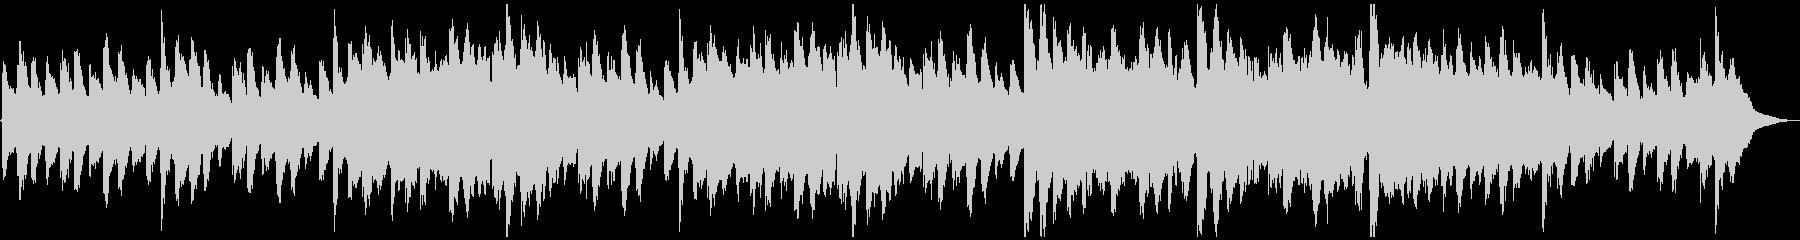 【民族系】笛の平和なループ用BGMの未再生の波形